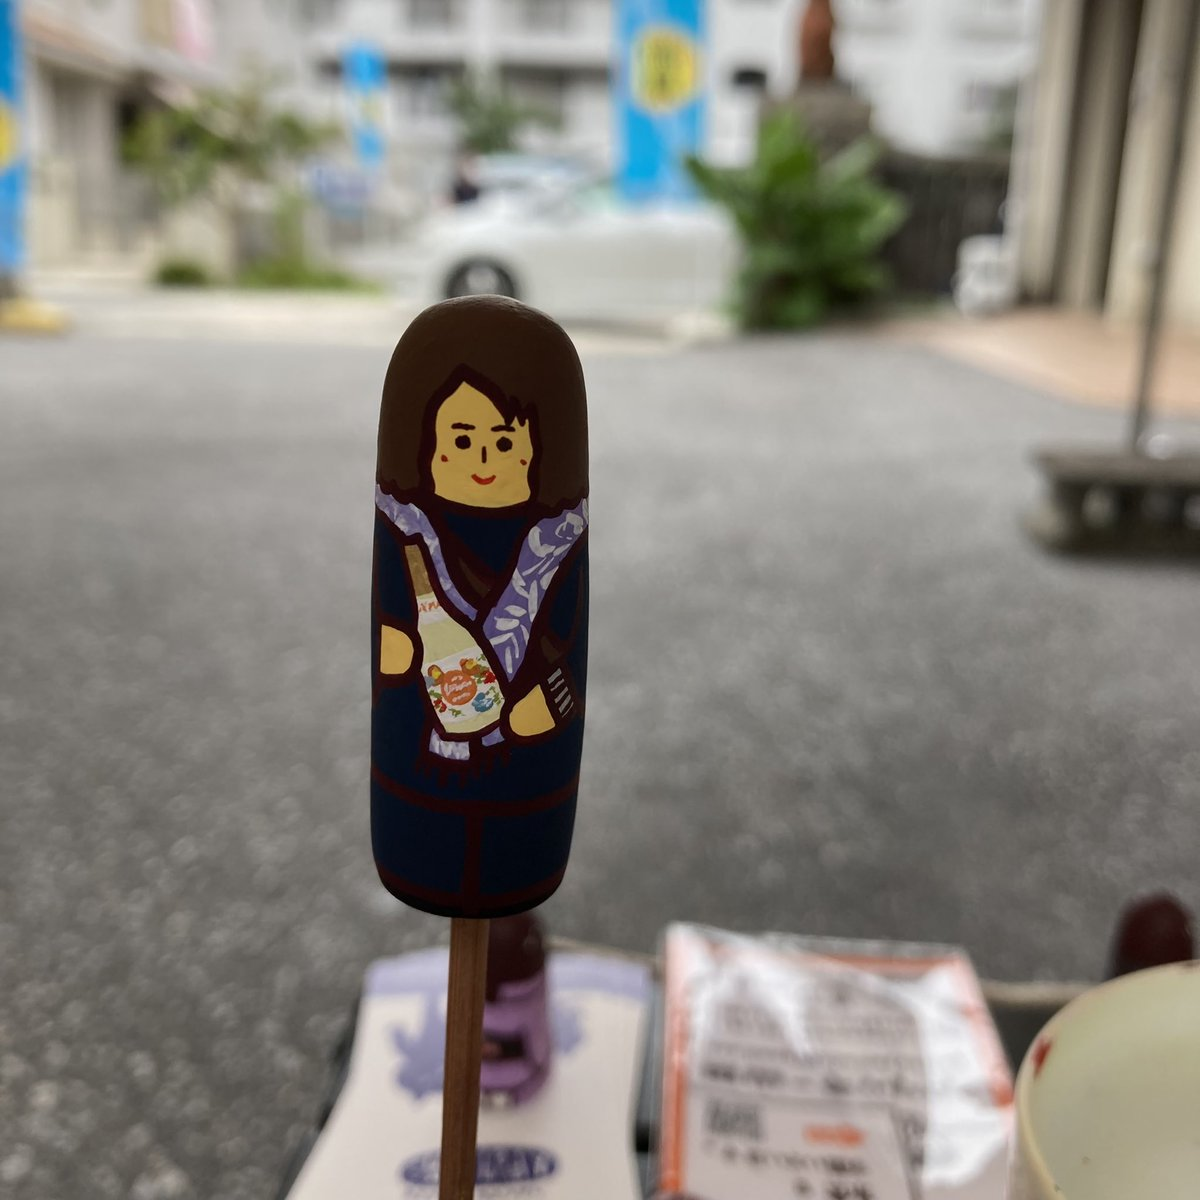 test ツイッターメディア - 産業まつりは明日まで。 10/24(日)首里の瑞泉酒造にて10:00〜18:00 私は人間人形を描いています。 あなたも人間人形になってみませんか? https://t.co/YKueH471fq